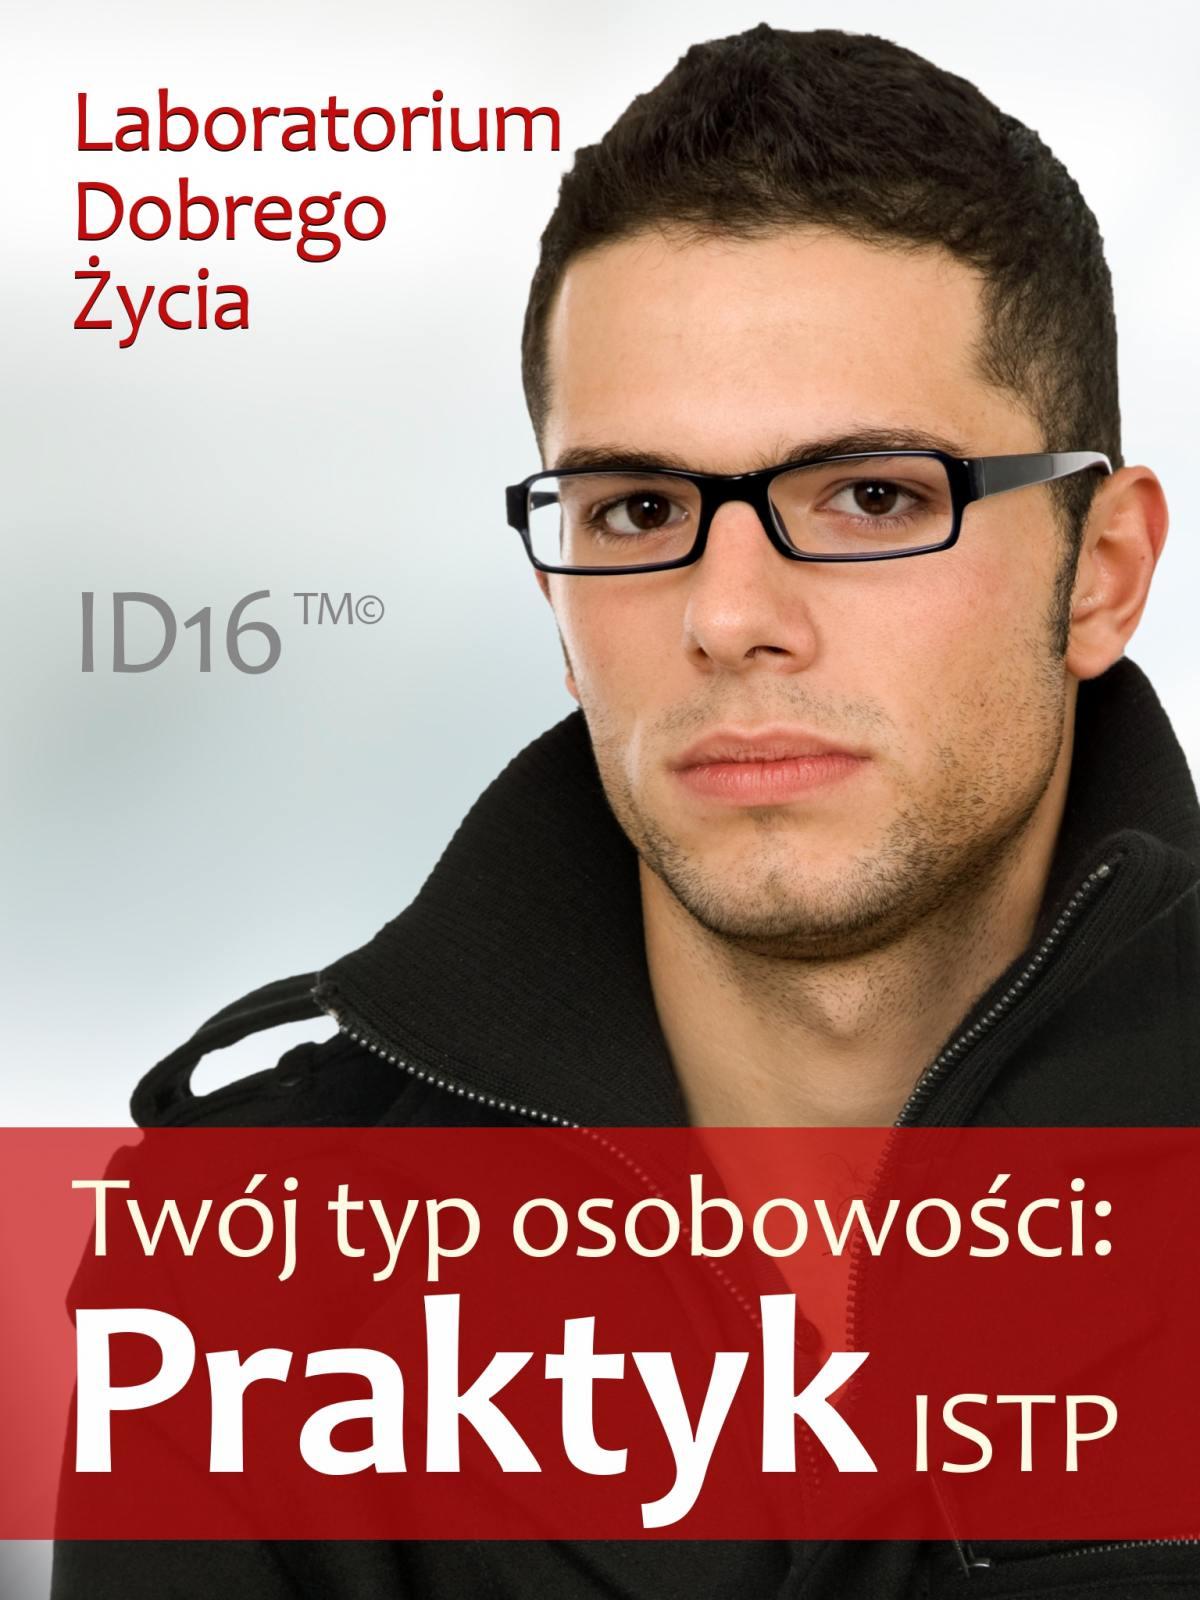 Twój typ osobowości: Praktyk (ISTP) - Ebook (Książka PDF) do pobrania w formacie PDF